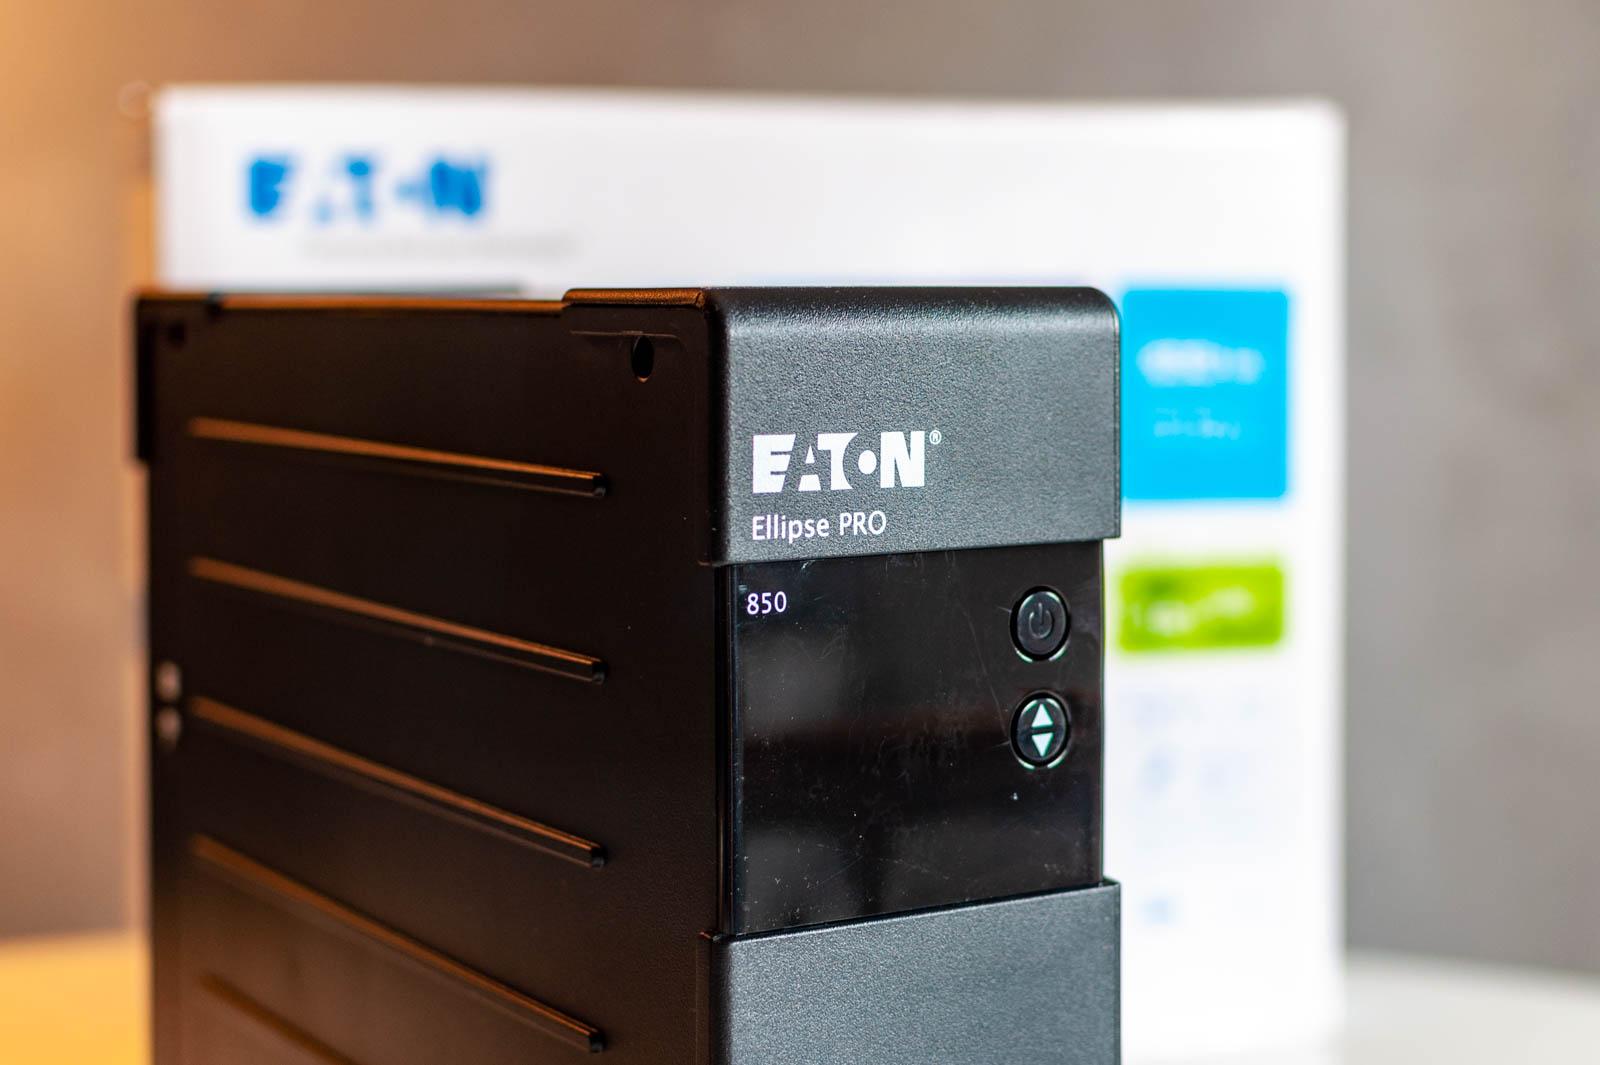 EATON Ellipse Pro 850, l'UPS alla prova del Mac